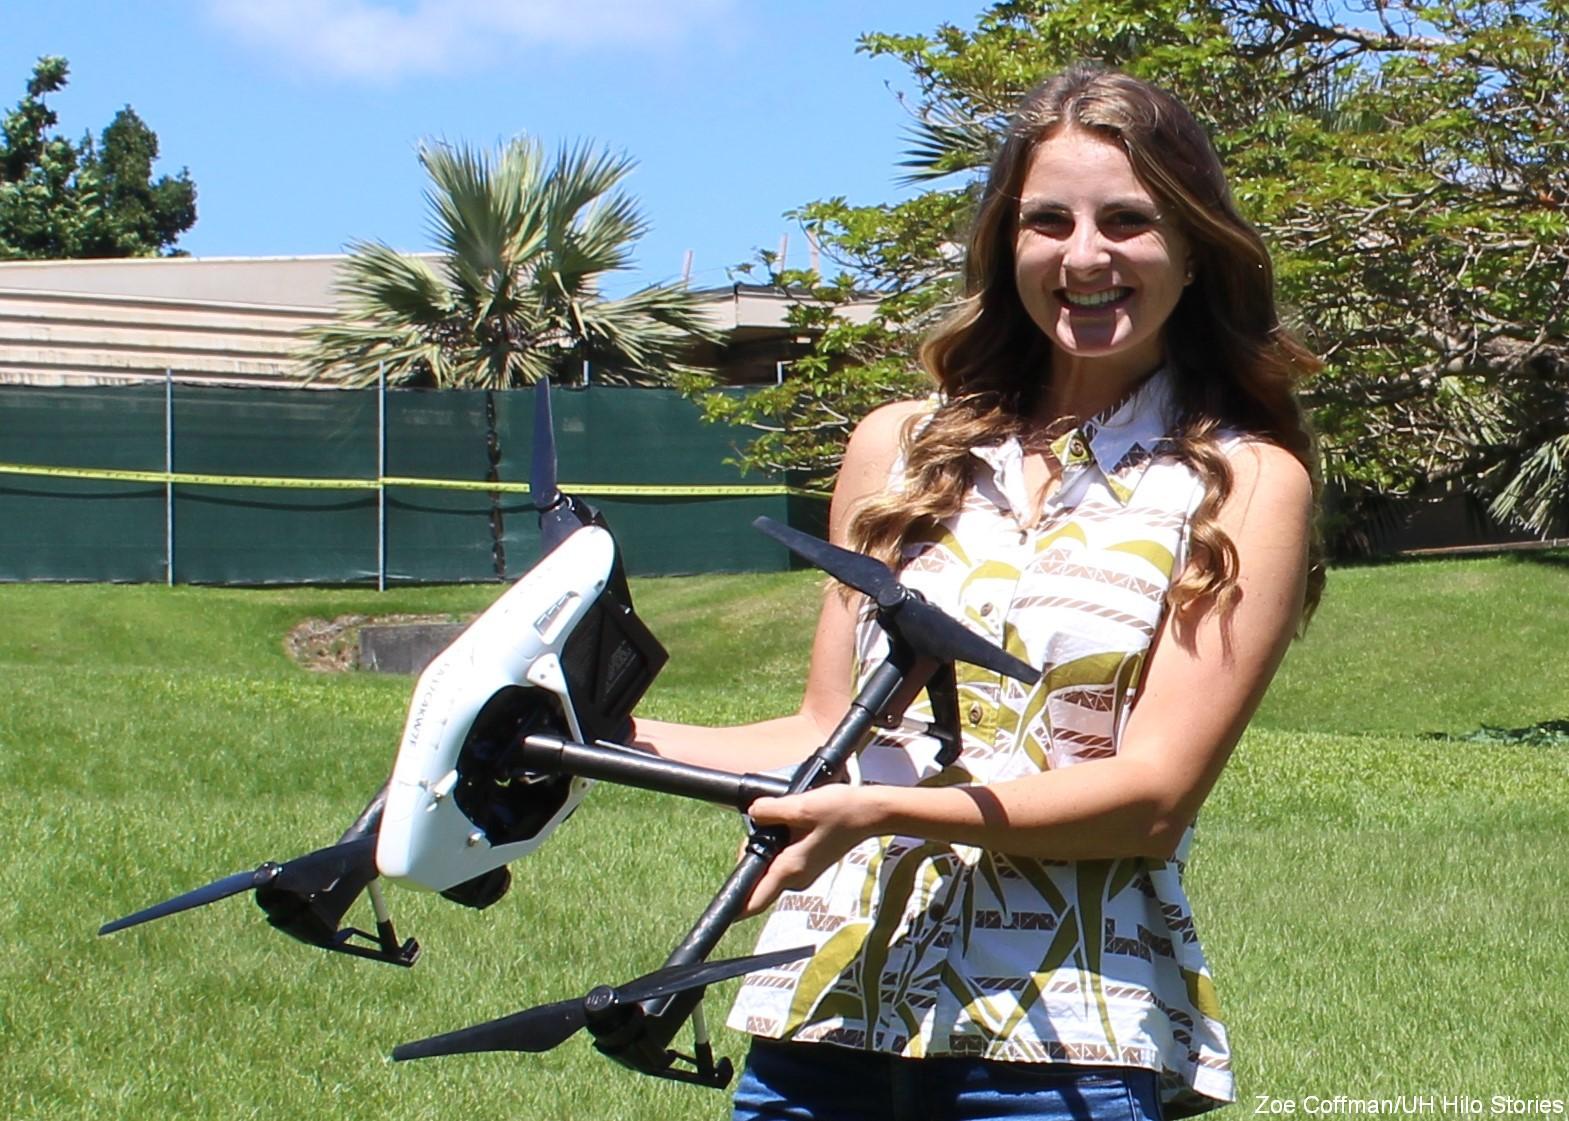 Rose holding UAV.